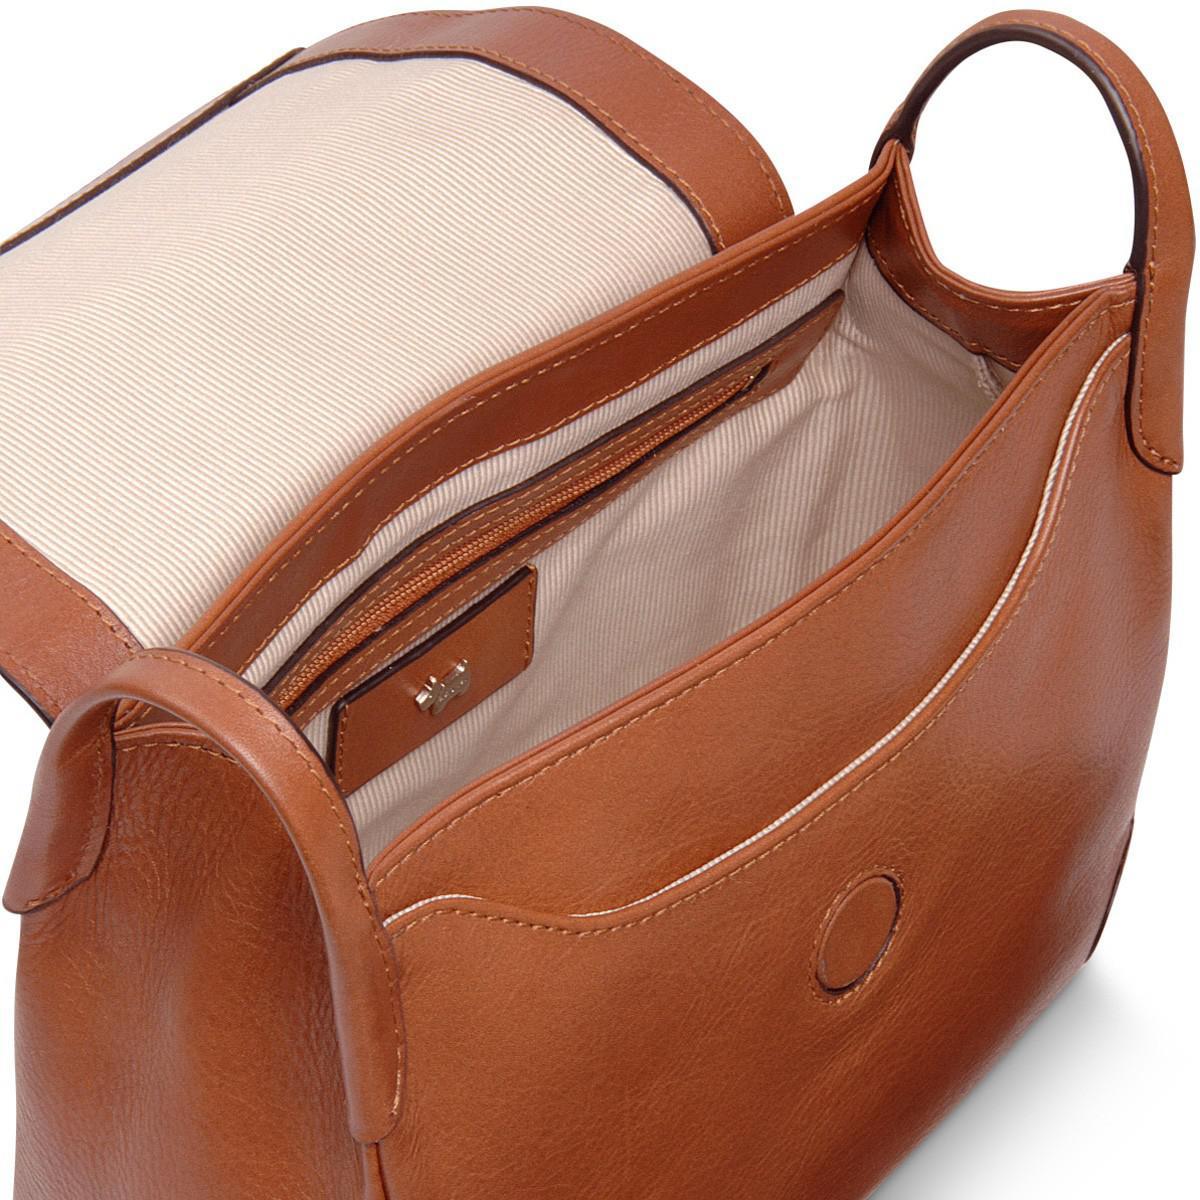 Radley Lambeth Mews Medium Flapover Cross Body Bag in Brown - Lyst b6fc9f8d55